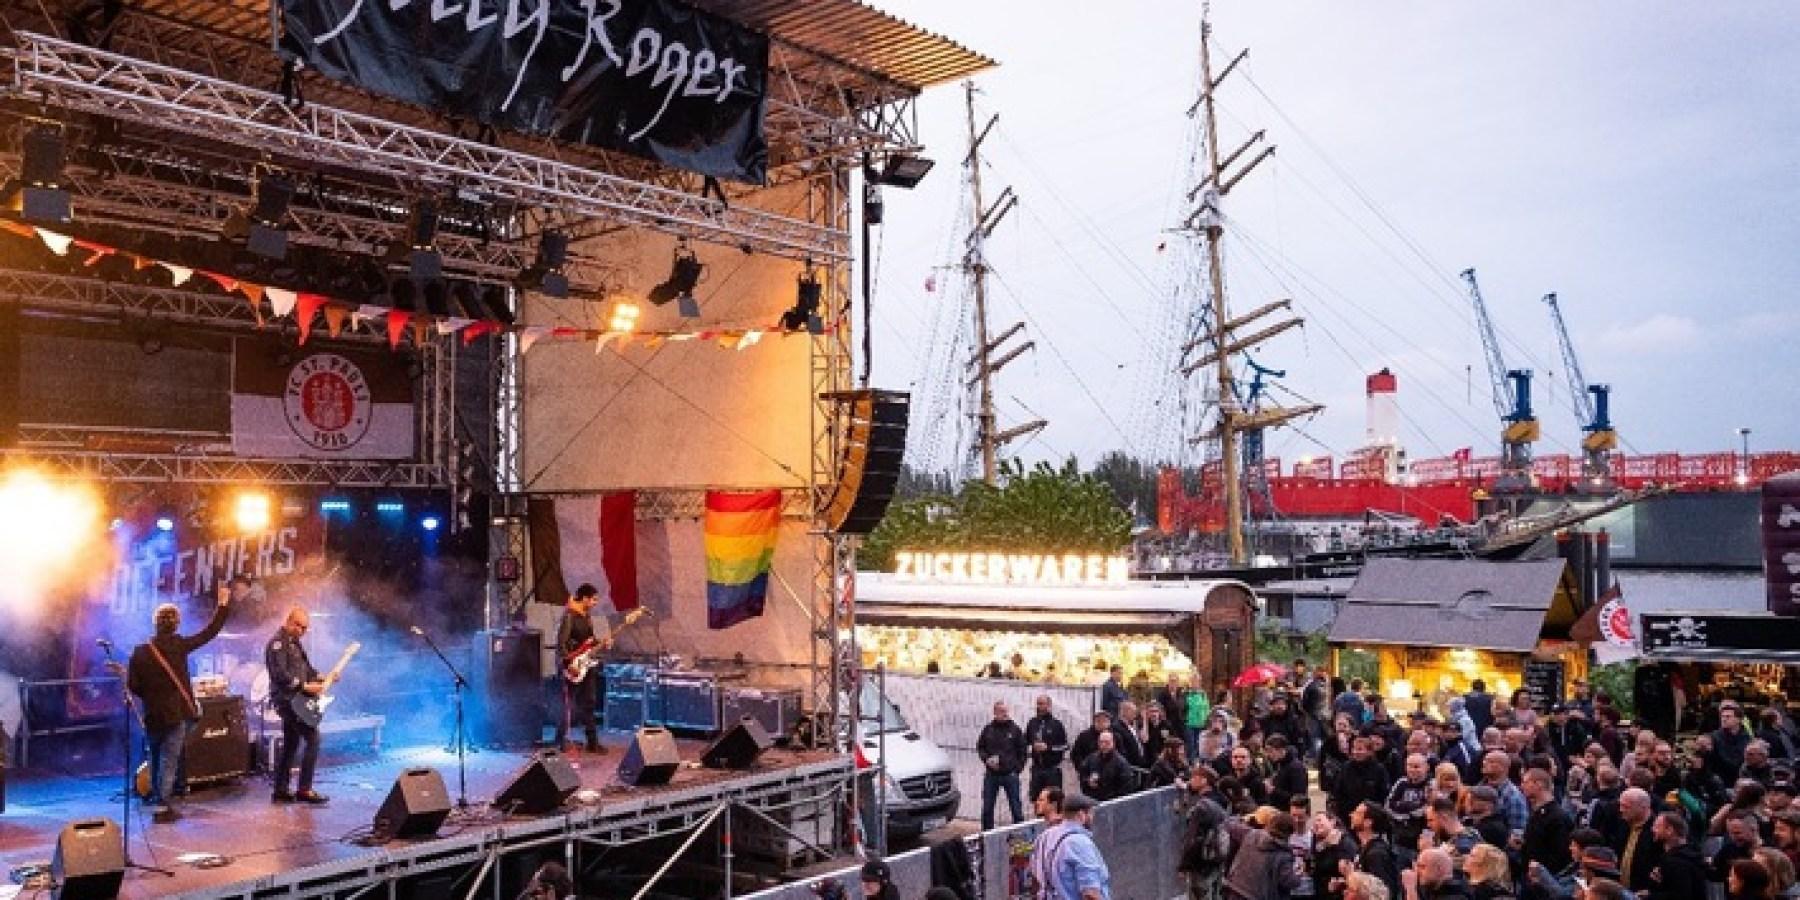 Hafengeburtstag Hamburg – Vielfältiges Musikprogramm auf zwölf Bühnen